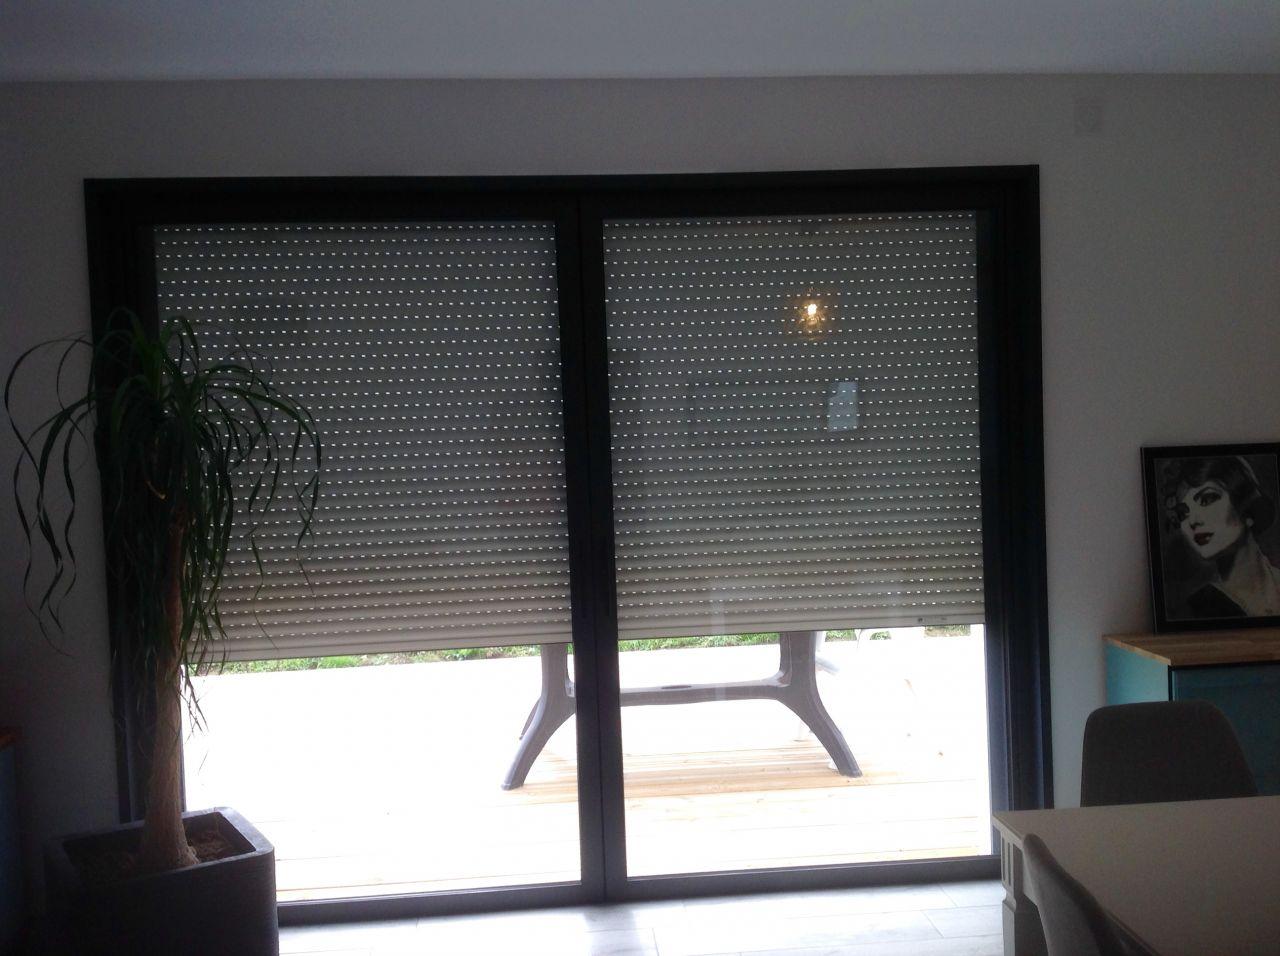 pose barre de rideau devant baie vitree